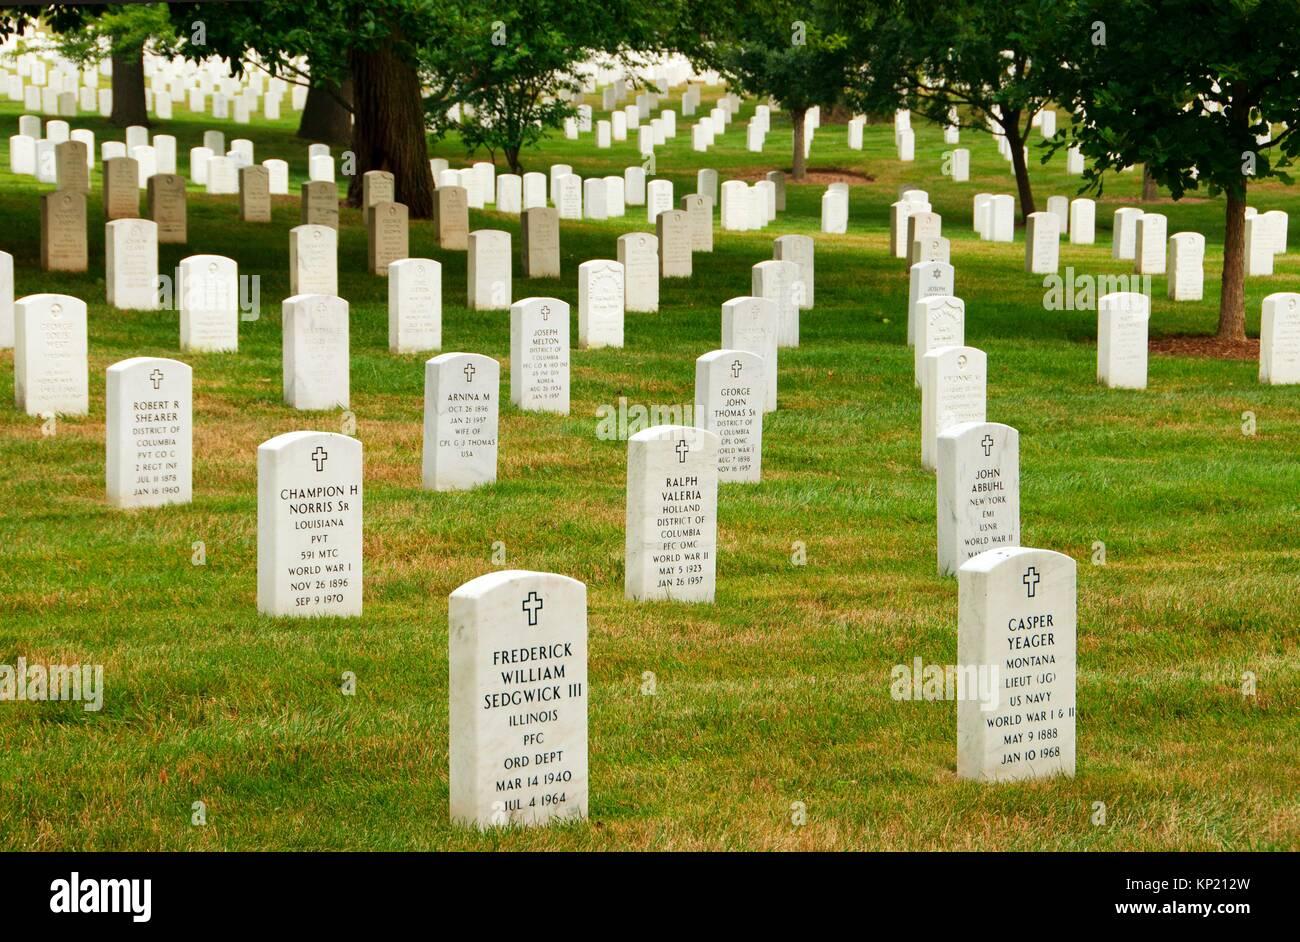 Gravestones, Arlington National Cemetery, Virginia. - Stock Image